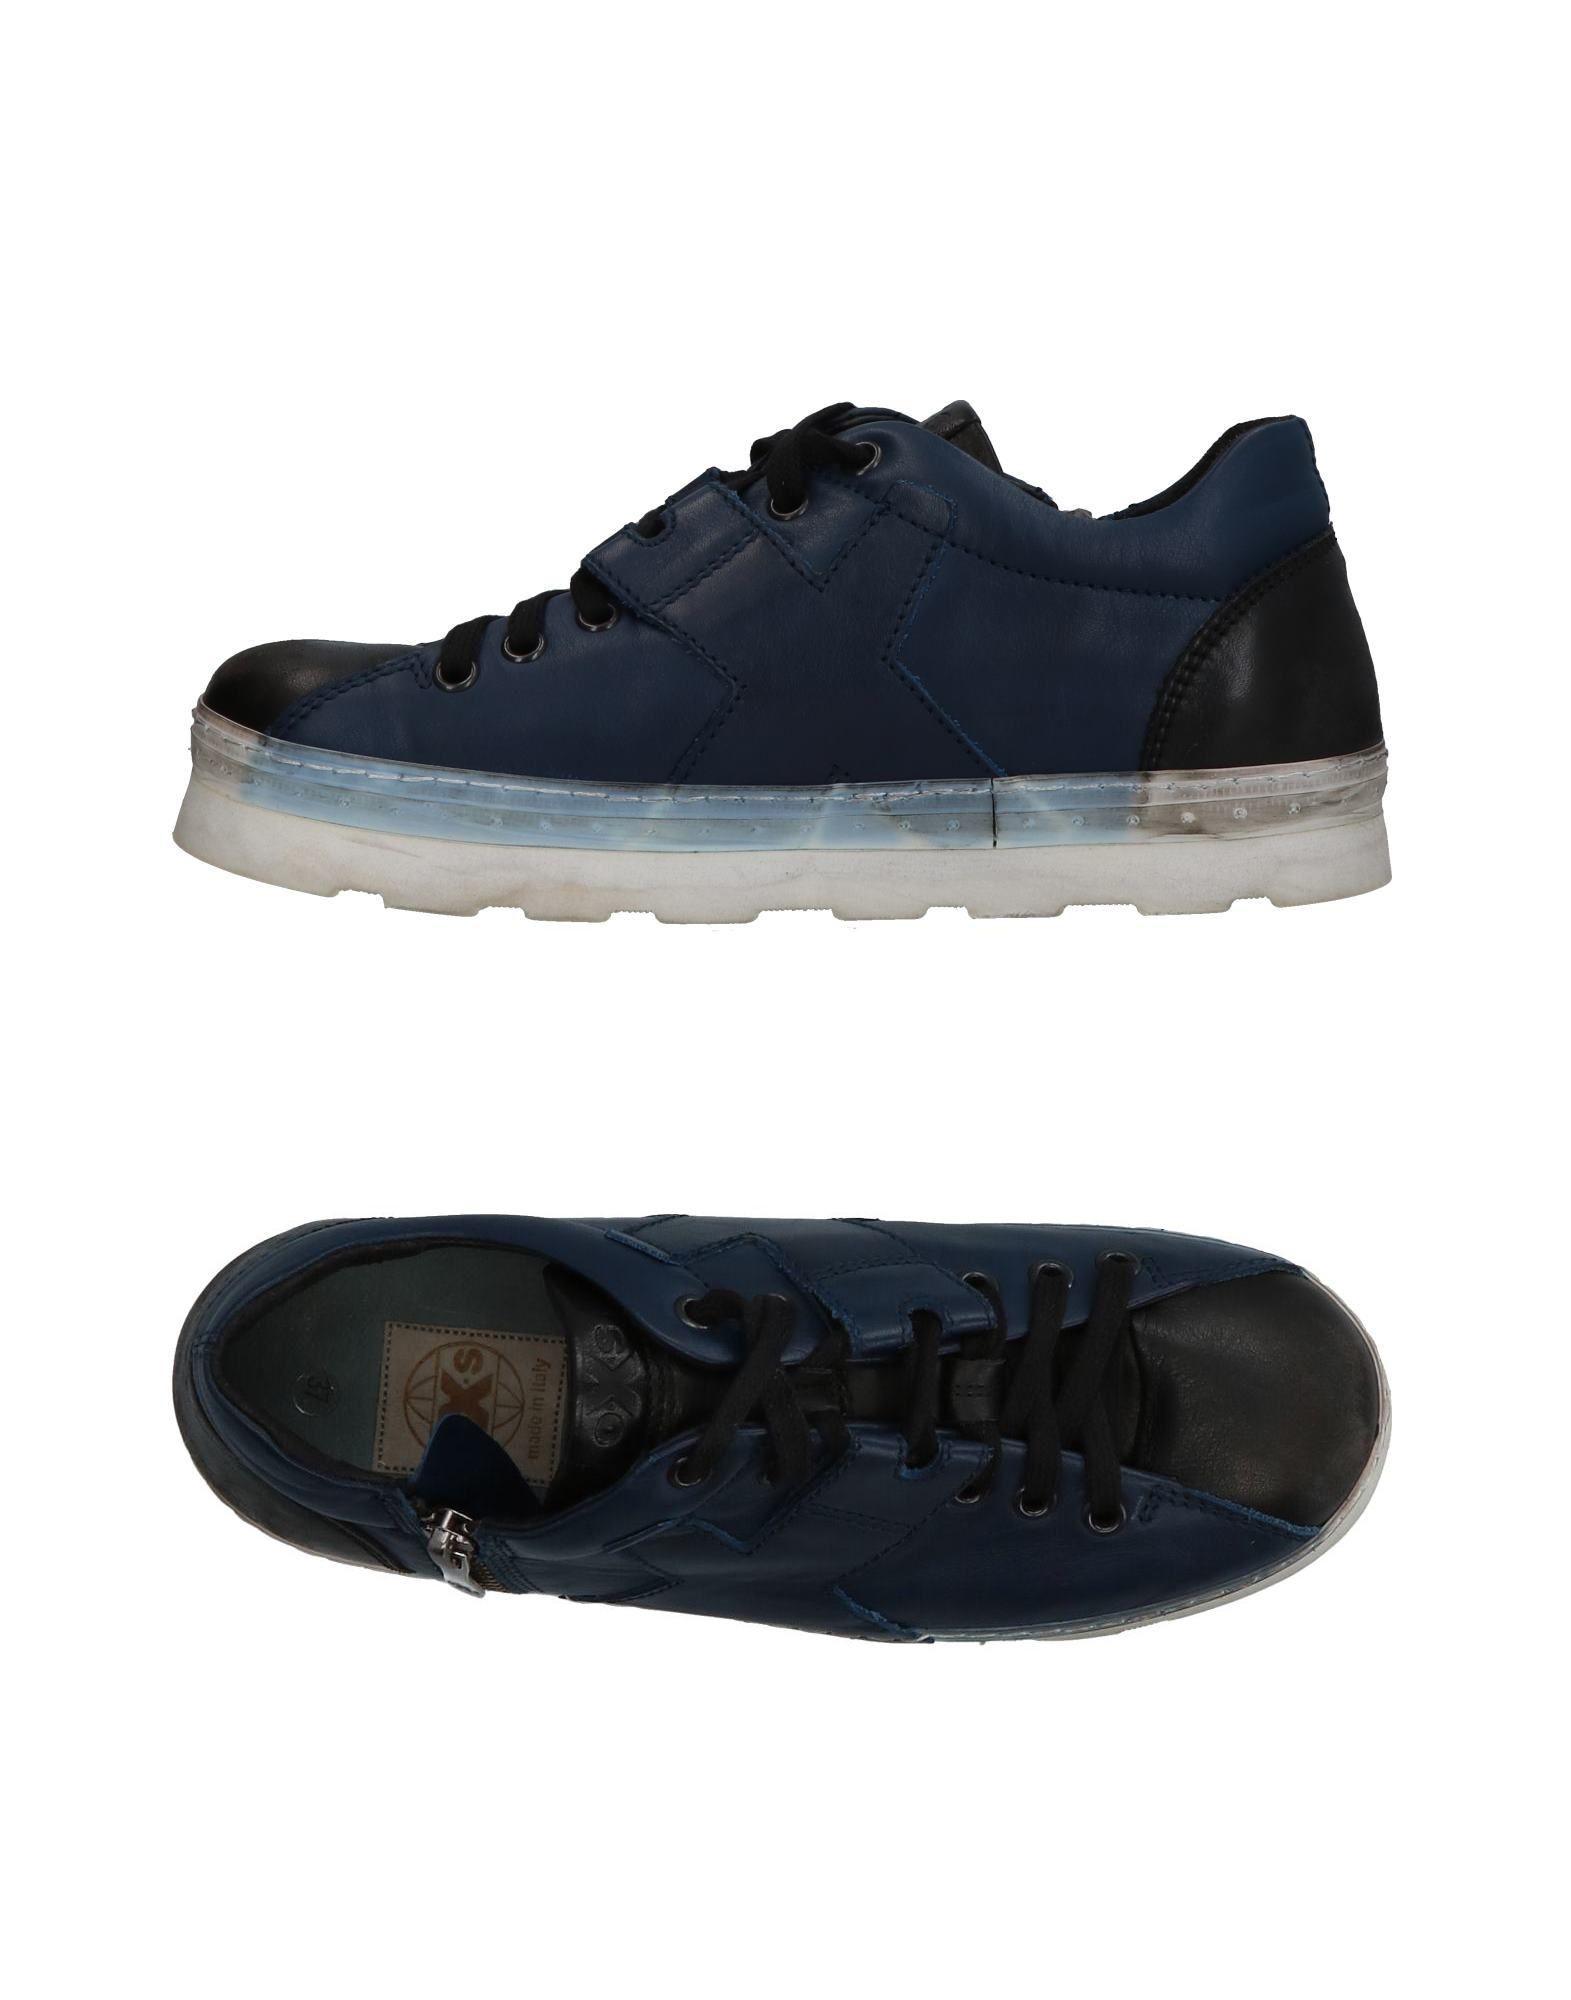 Scarpe economiche e resistenti Sneakers O.X.S. Donna - 11356629KR